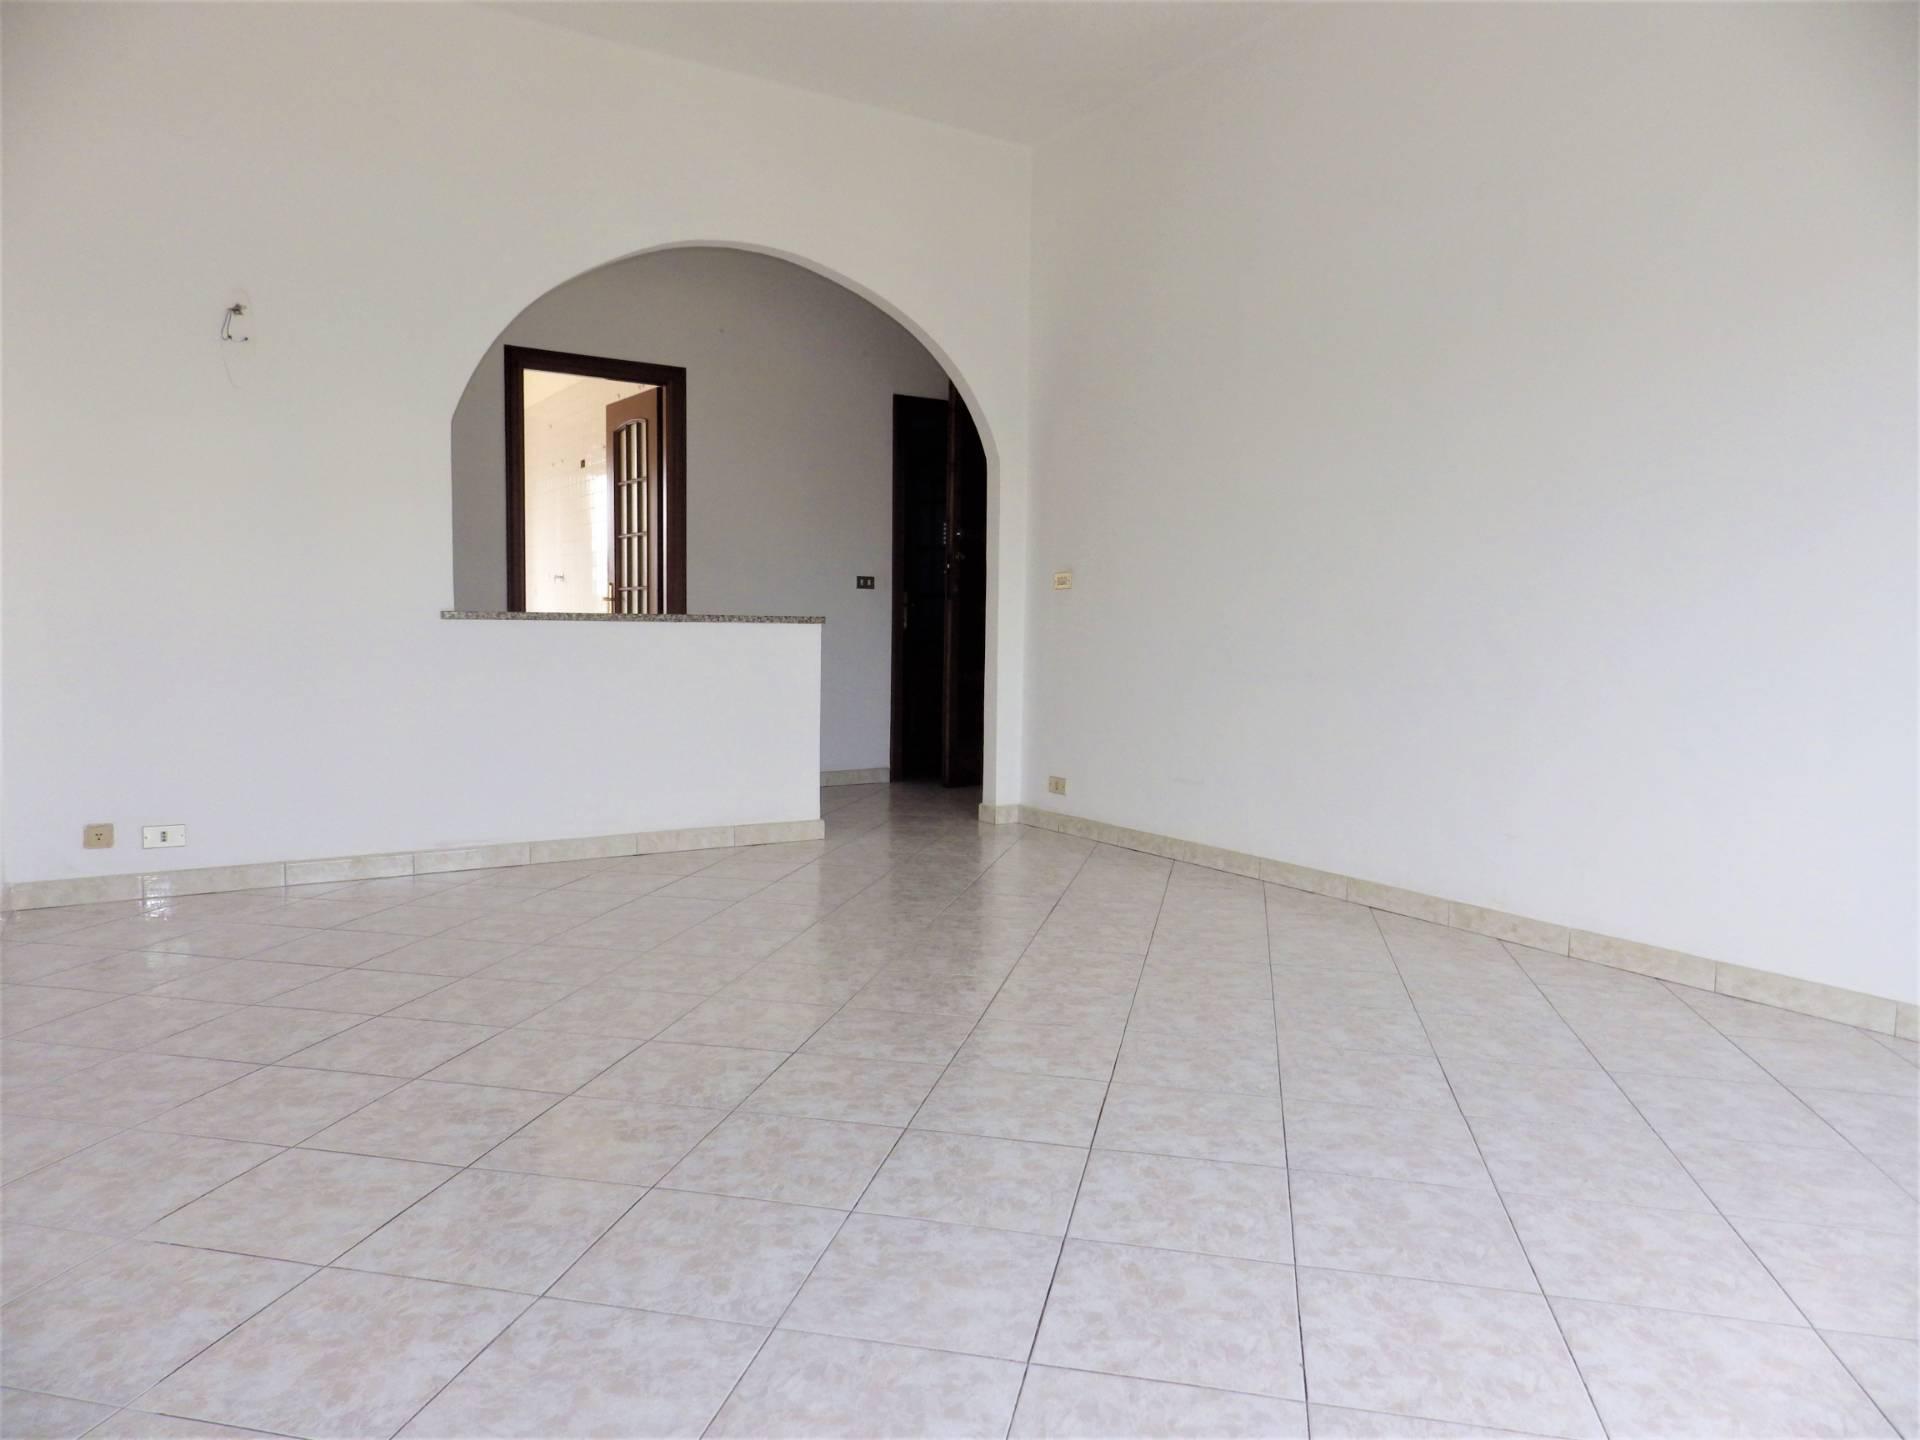 Foto 1 di Appartamento Via San Rocco, Grugliasco